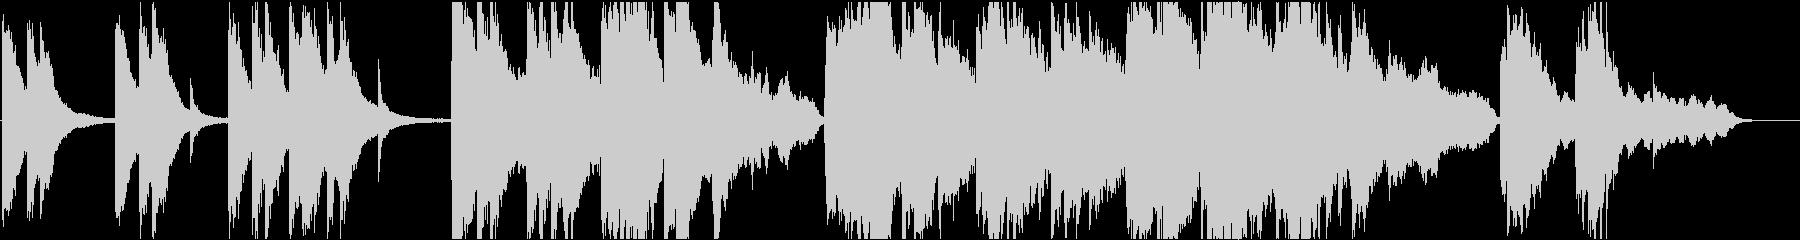 企業VP16 24bit44kHzVerの未再生の波形